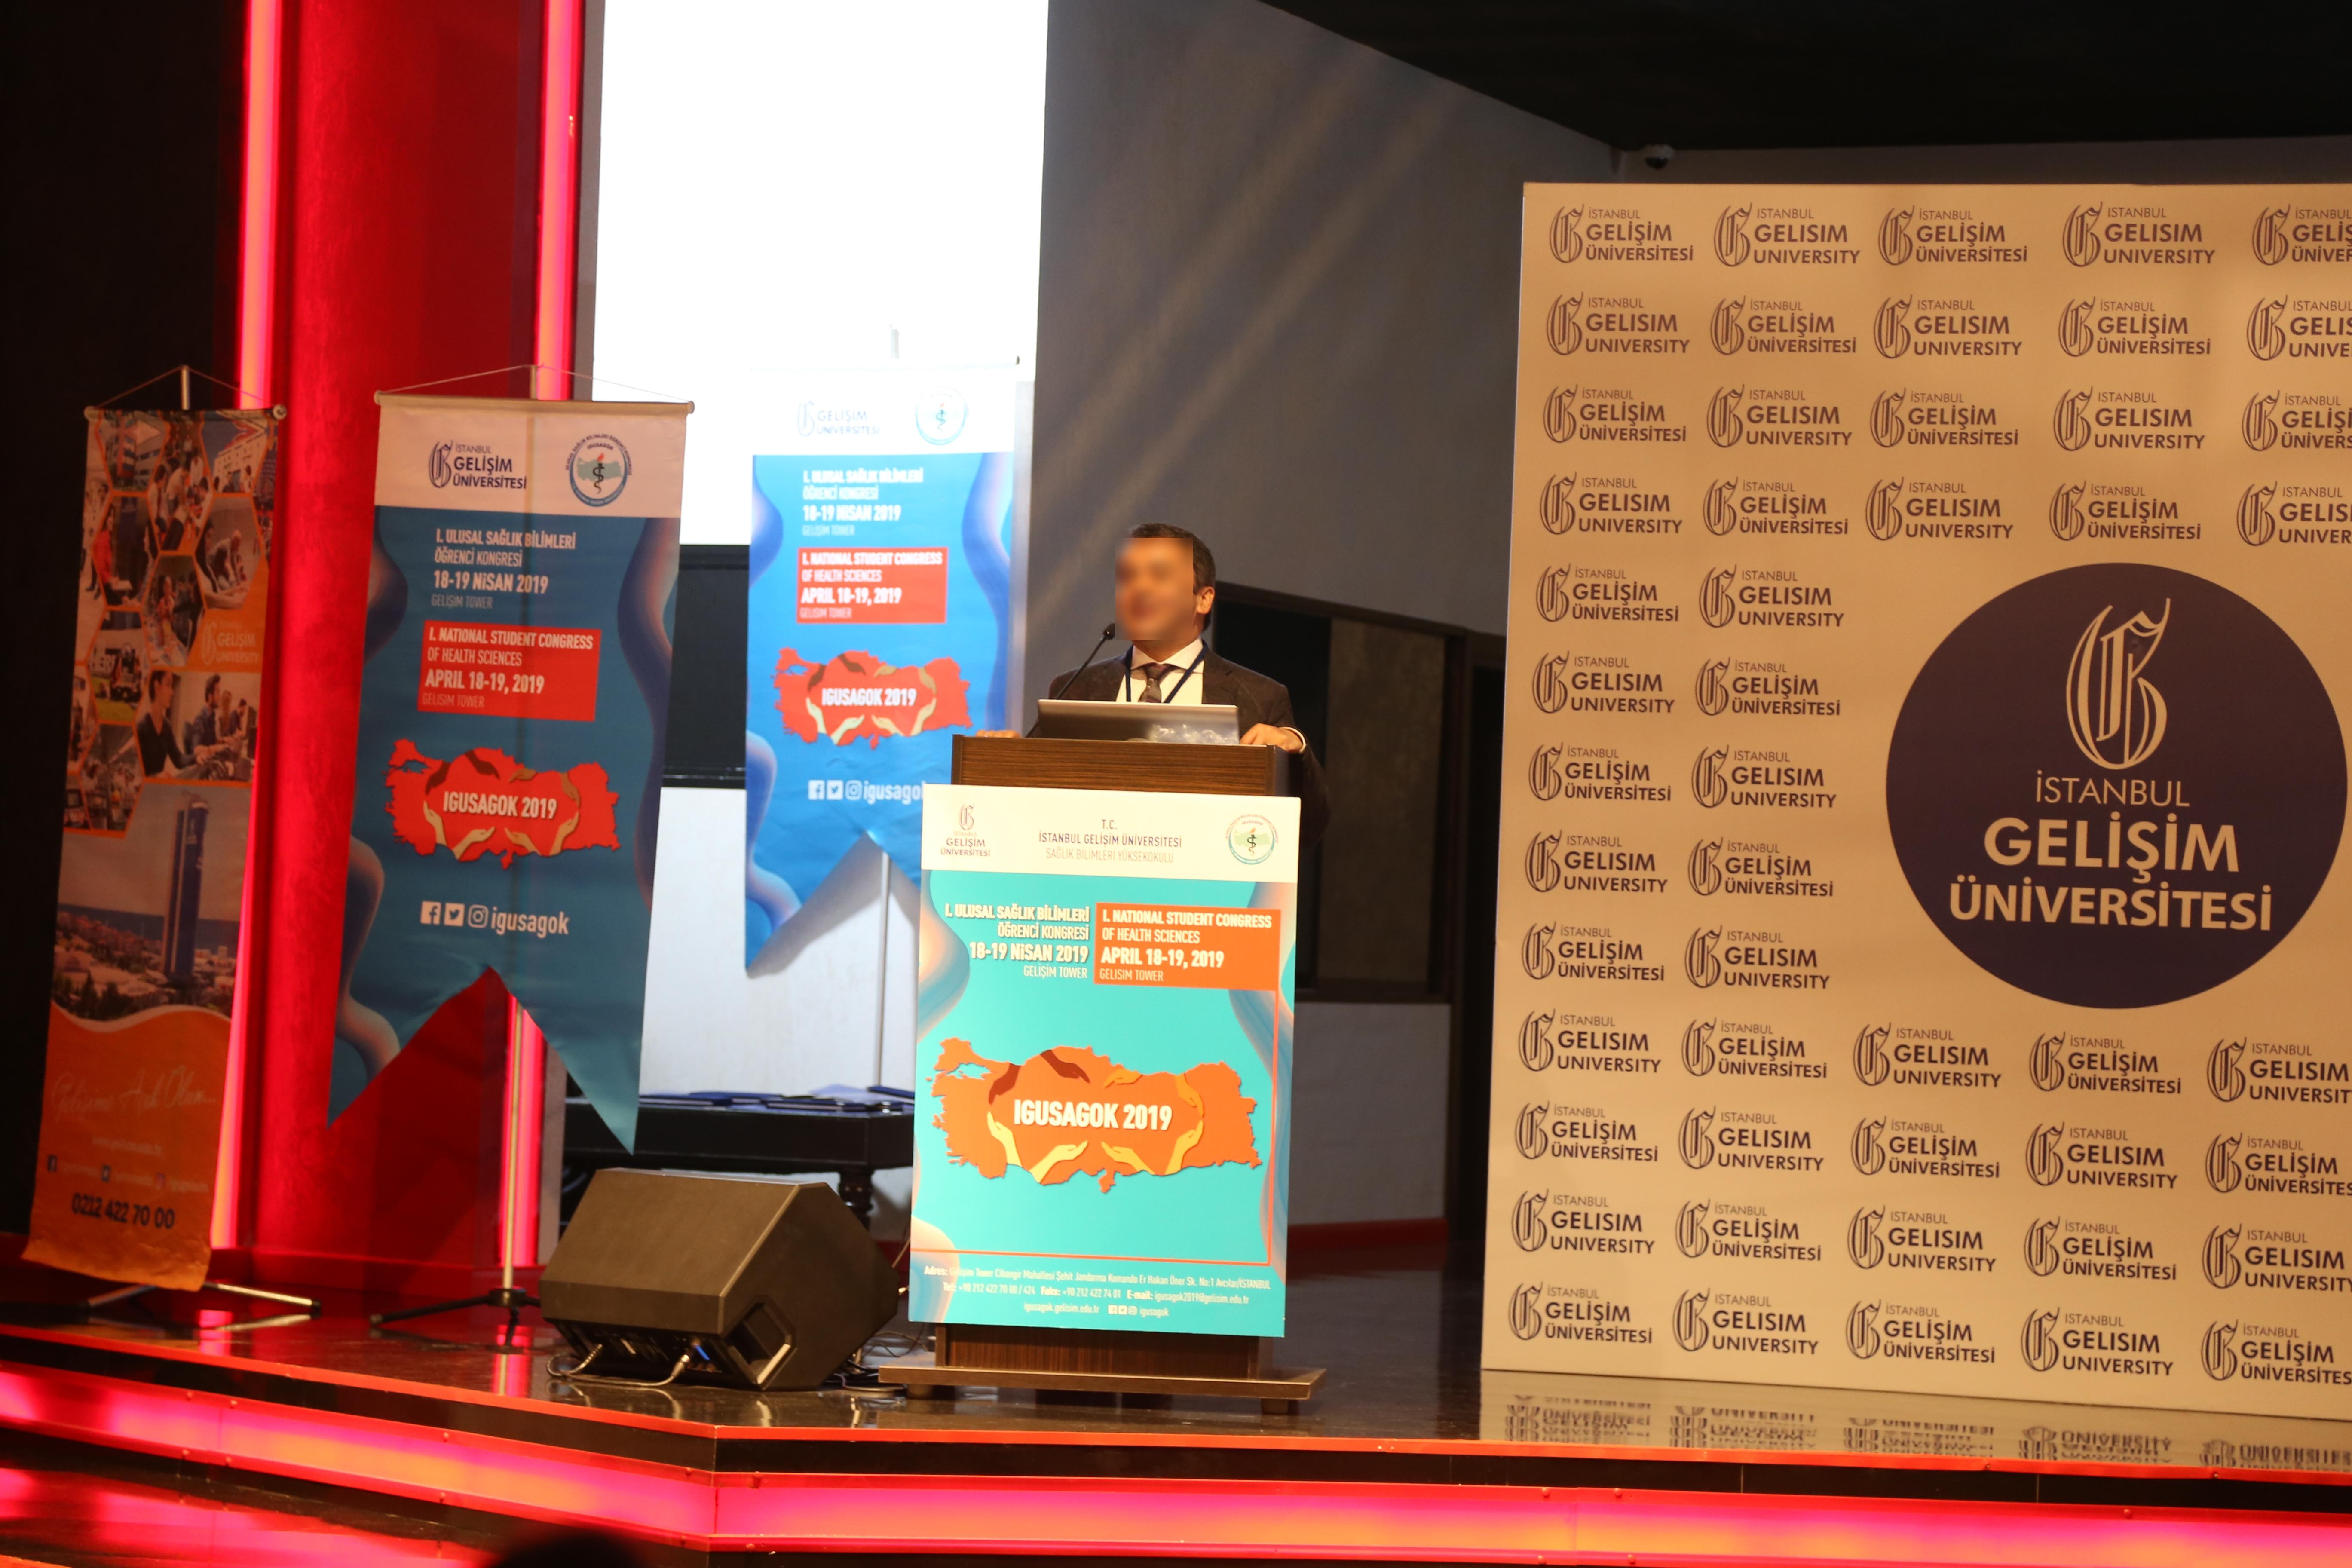 Abdulkadir Gayretli Açılış Konuşması